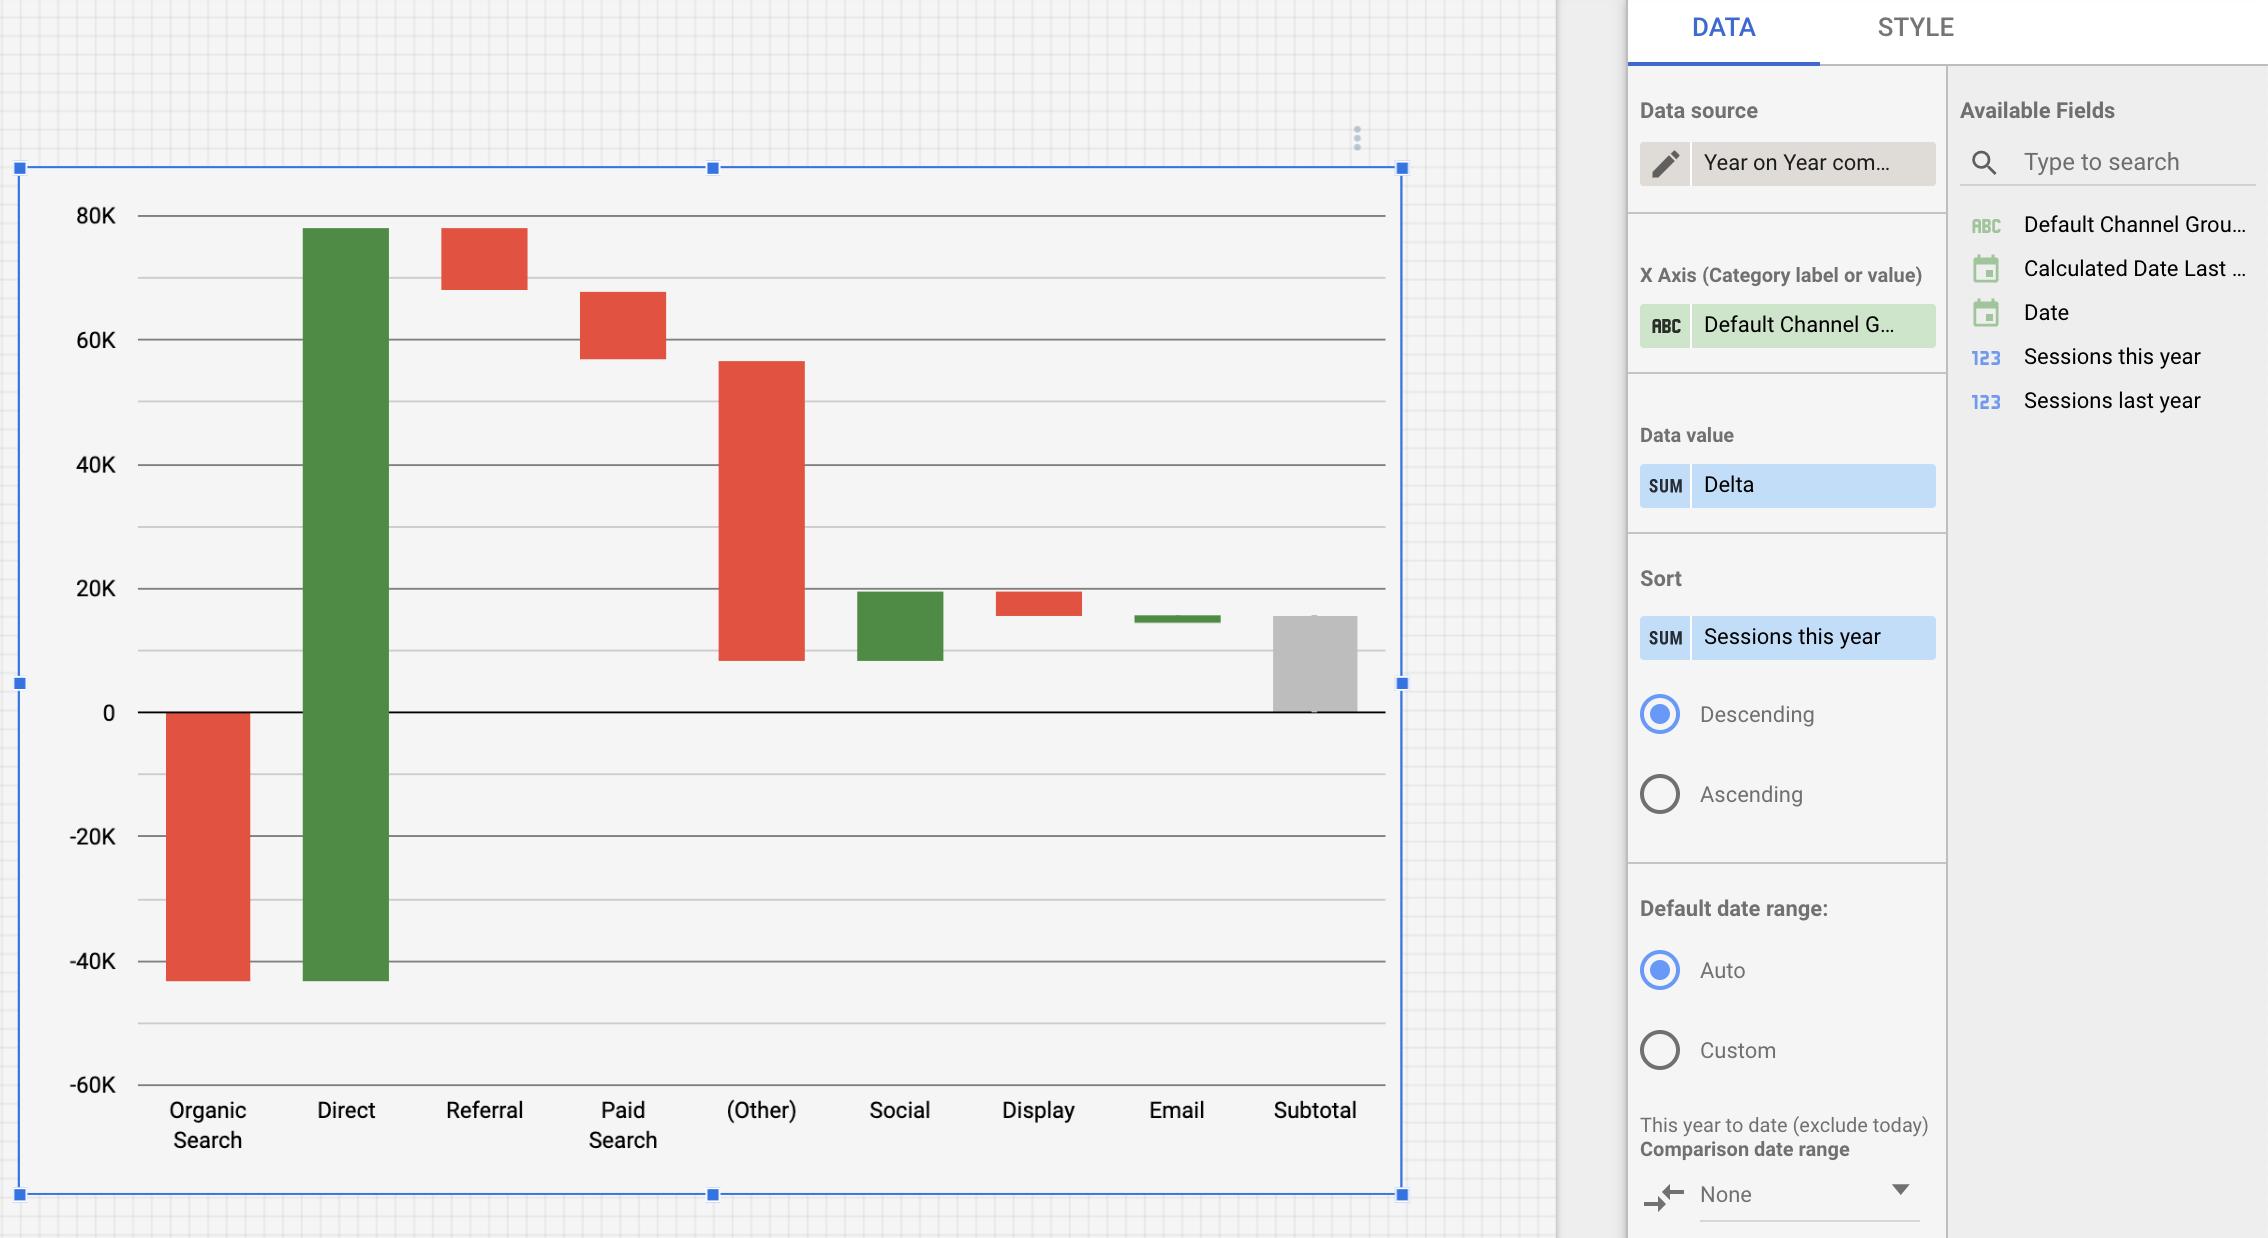 Screenshot 2020 09 30 at 14.27.20 | Waterfall Chart dans Data Studio pour comparer les données vs année précédente